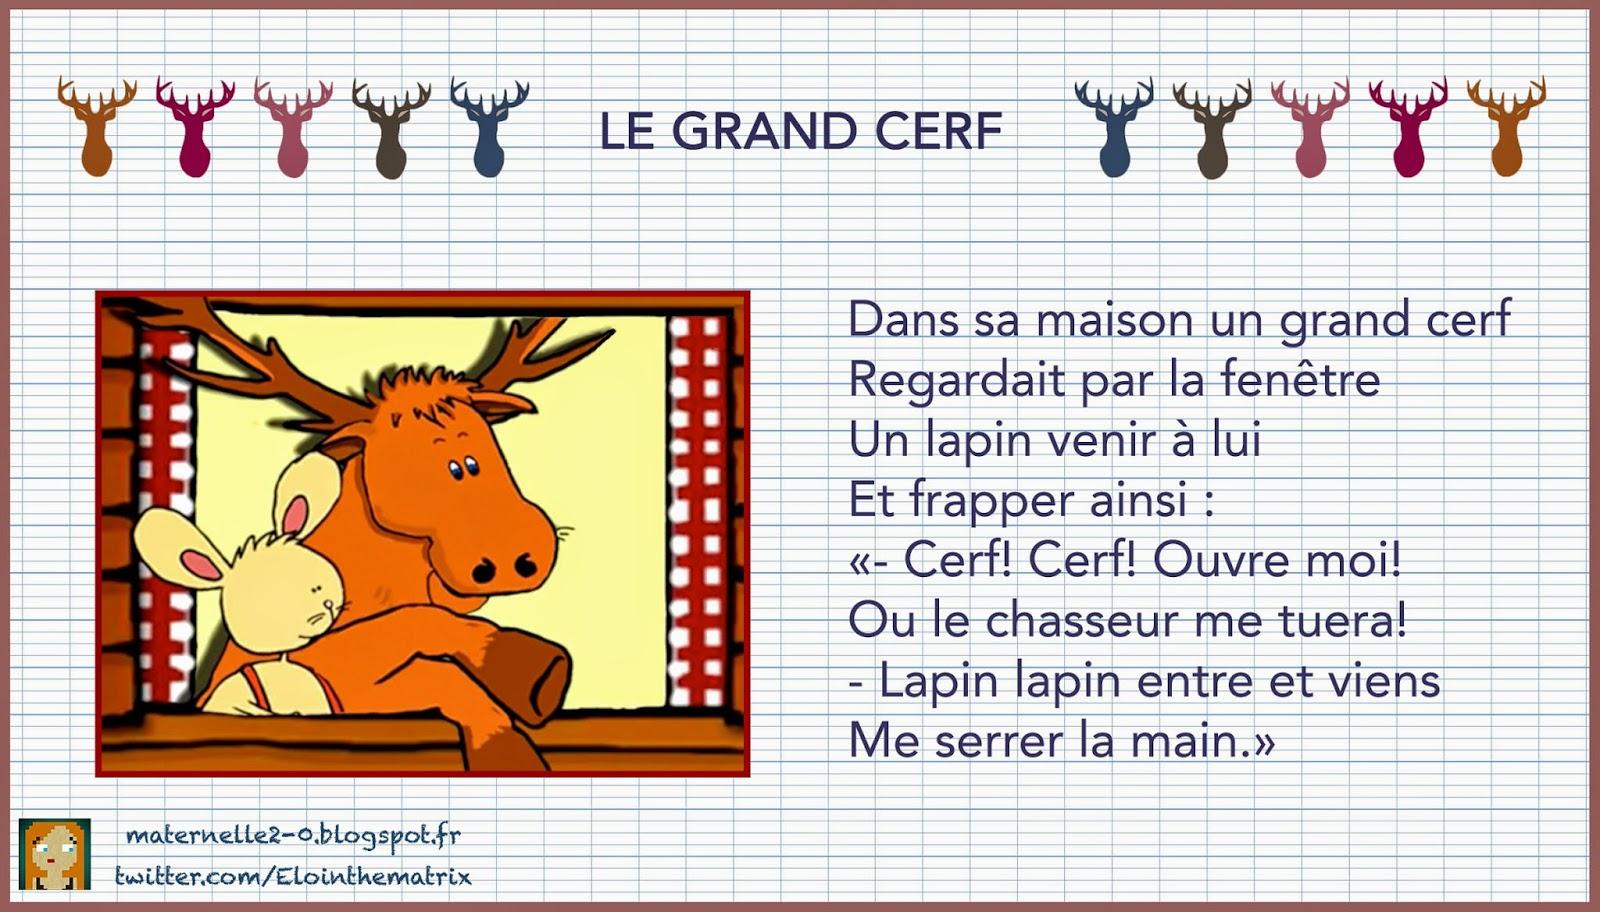 Paroles - Le Grand Cerf tout Chanson Du Cerf Et Du Lapin